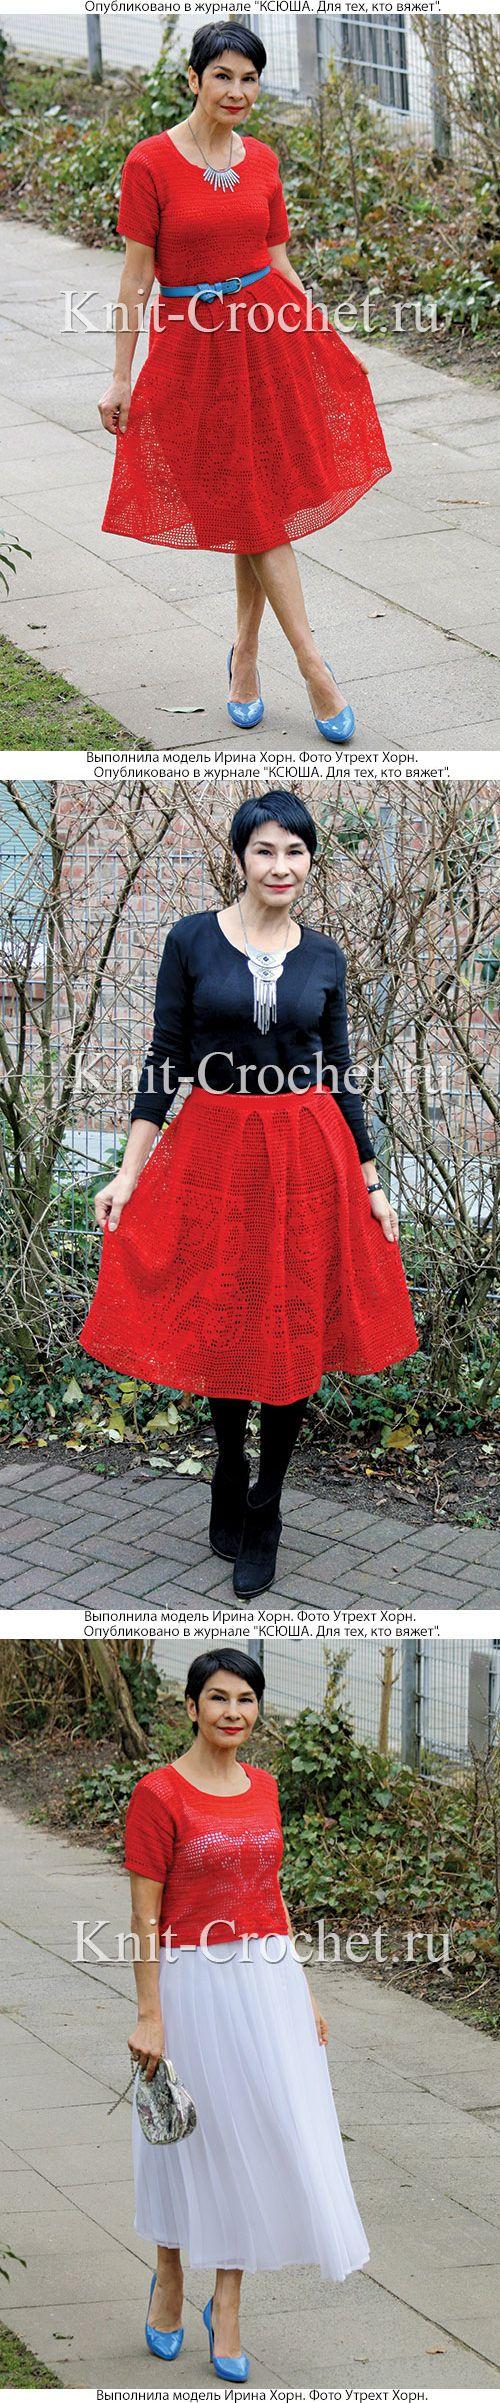 схема вязания ажурная юбка клеш крючком для девочек 5 лет салатного цвета